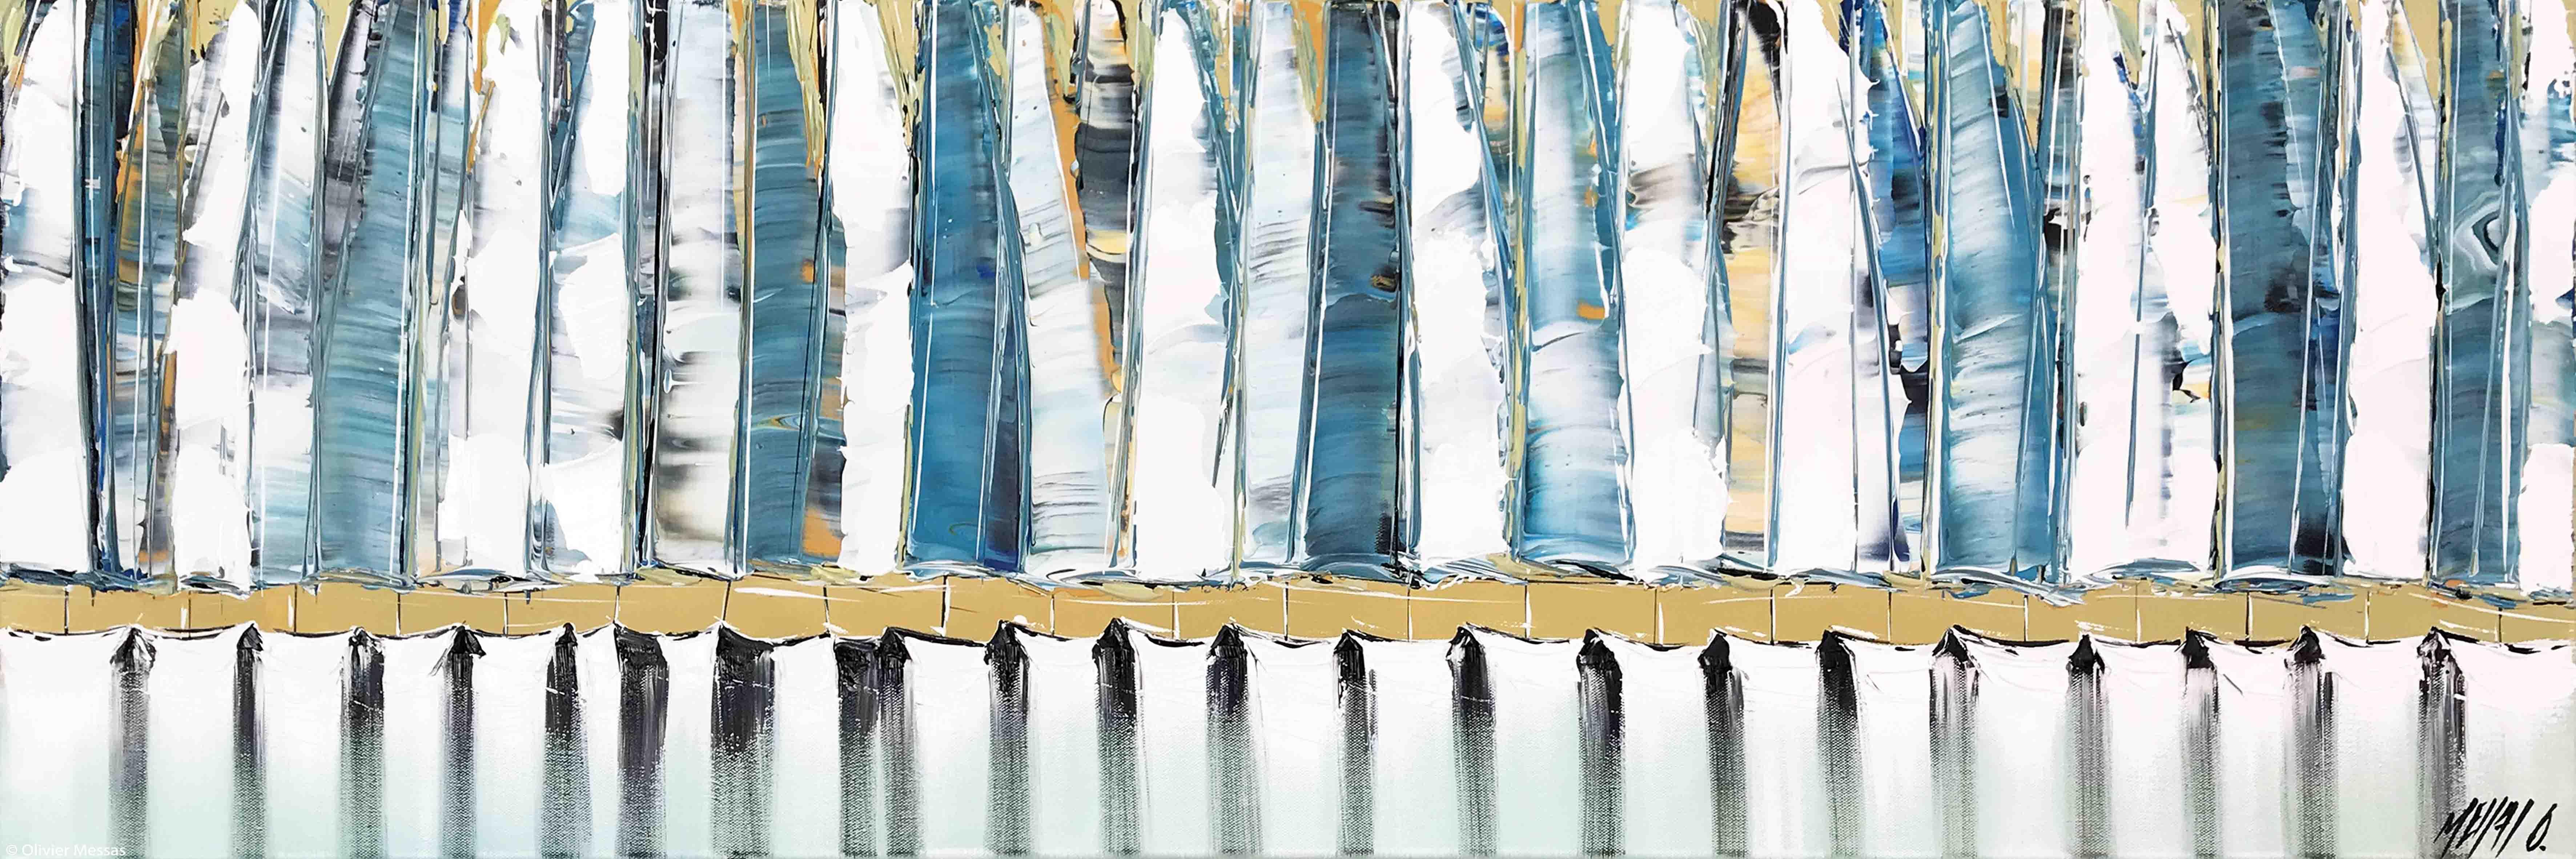 Les voiles bleues..., 40x120cm